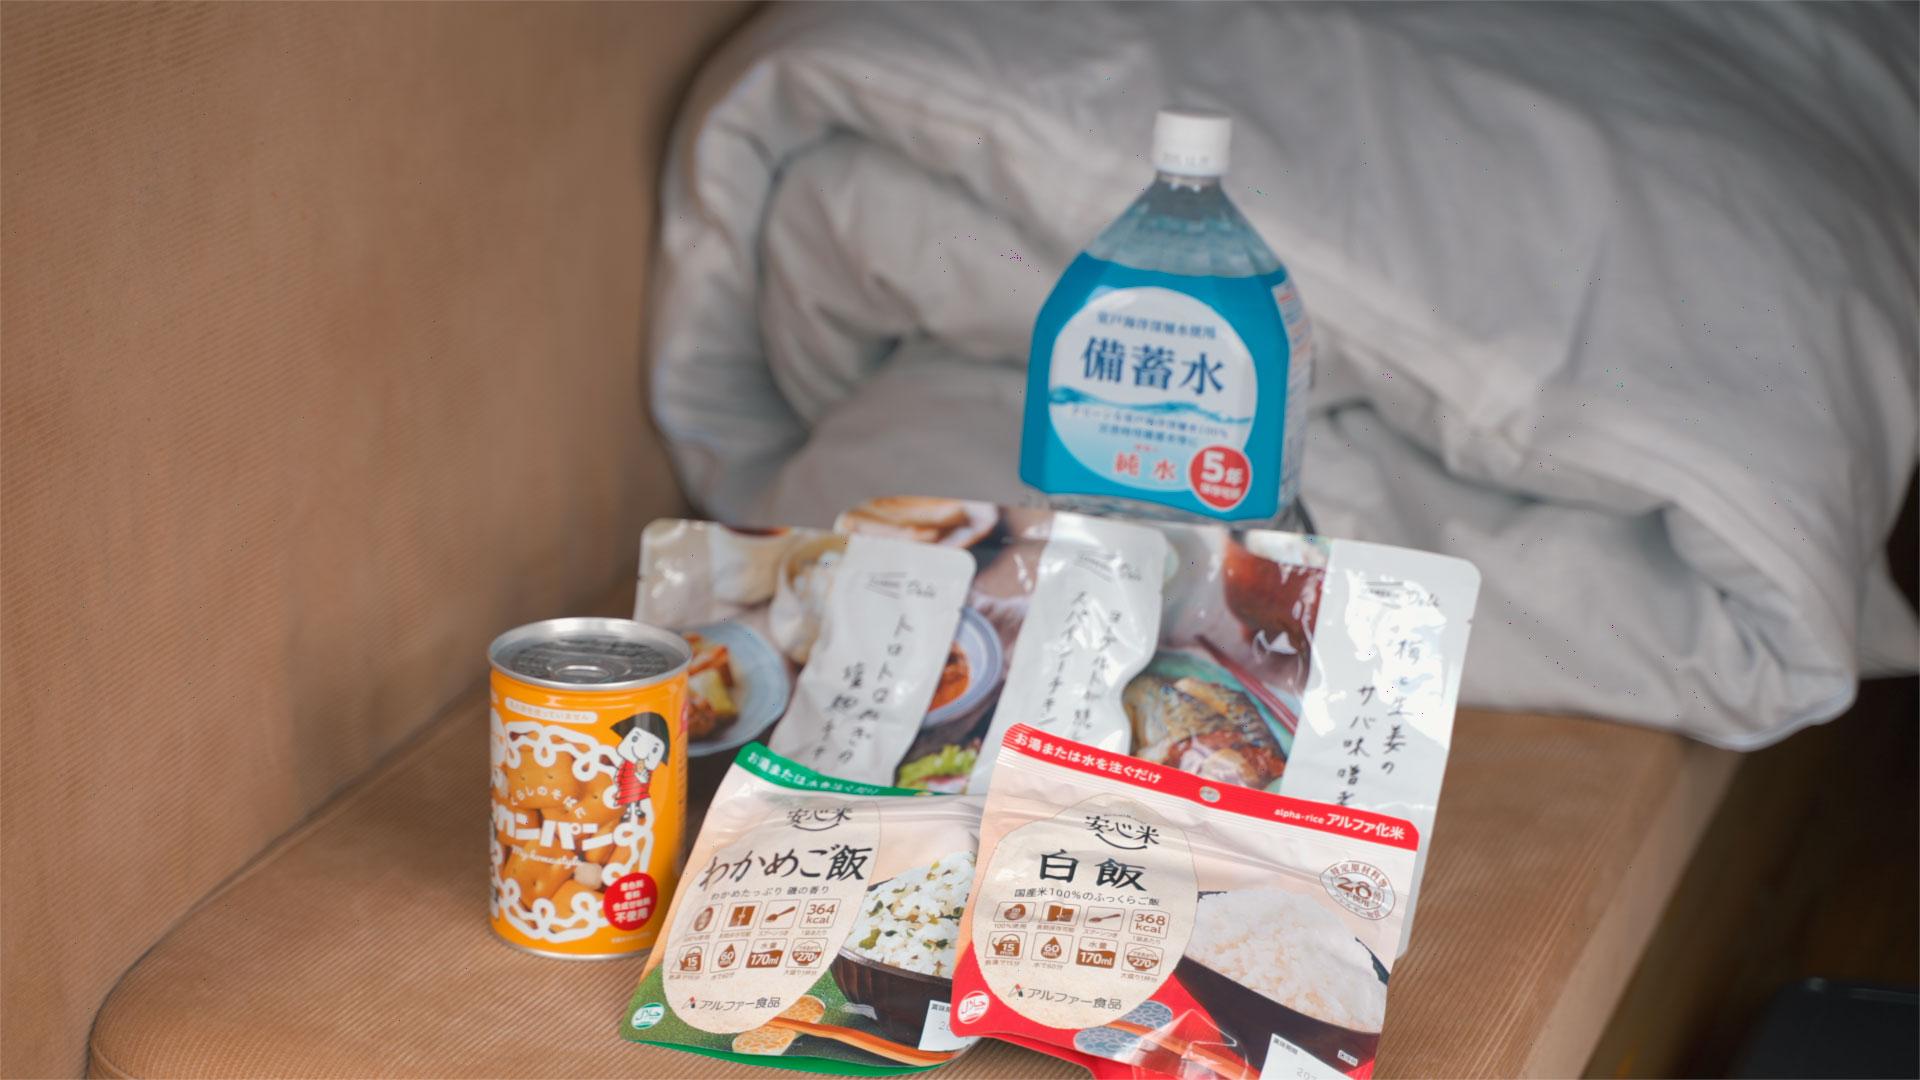 実際に車中泊旅をしてるハイエースに積み込んでいる非常食たち